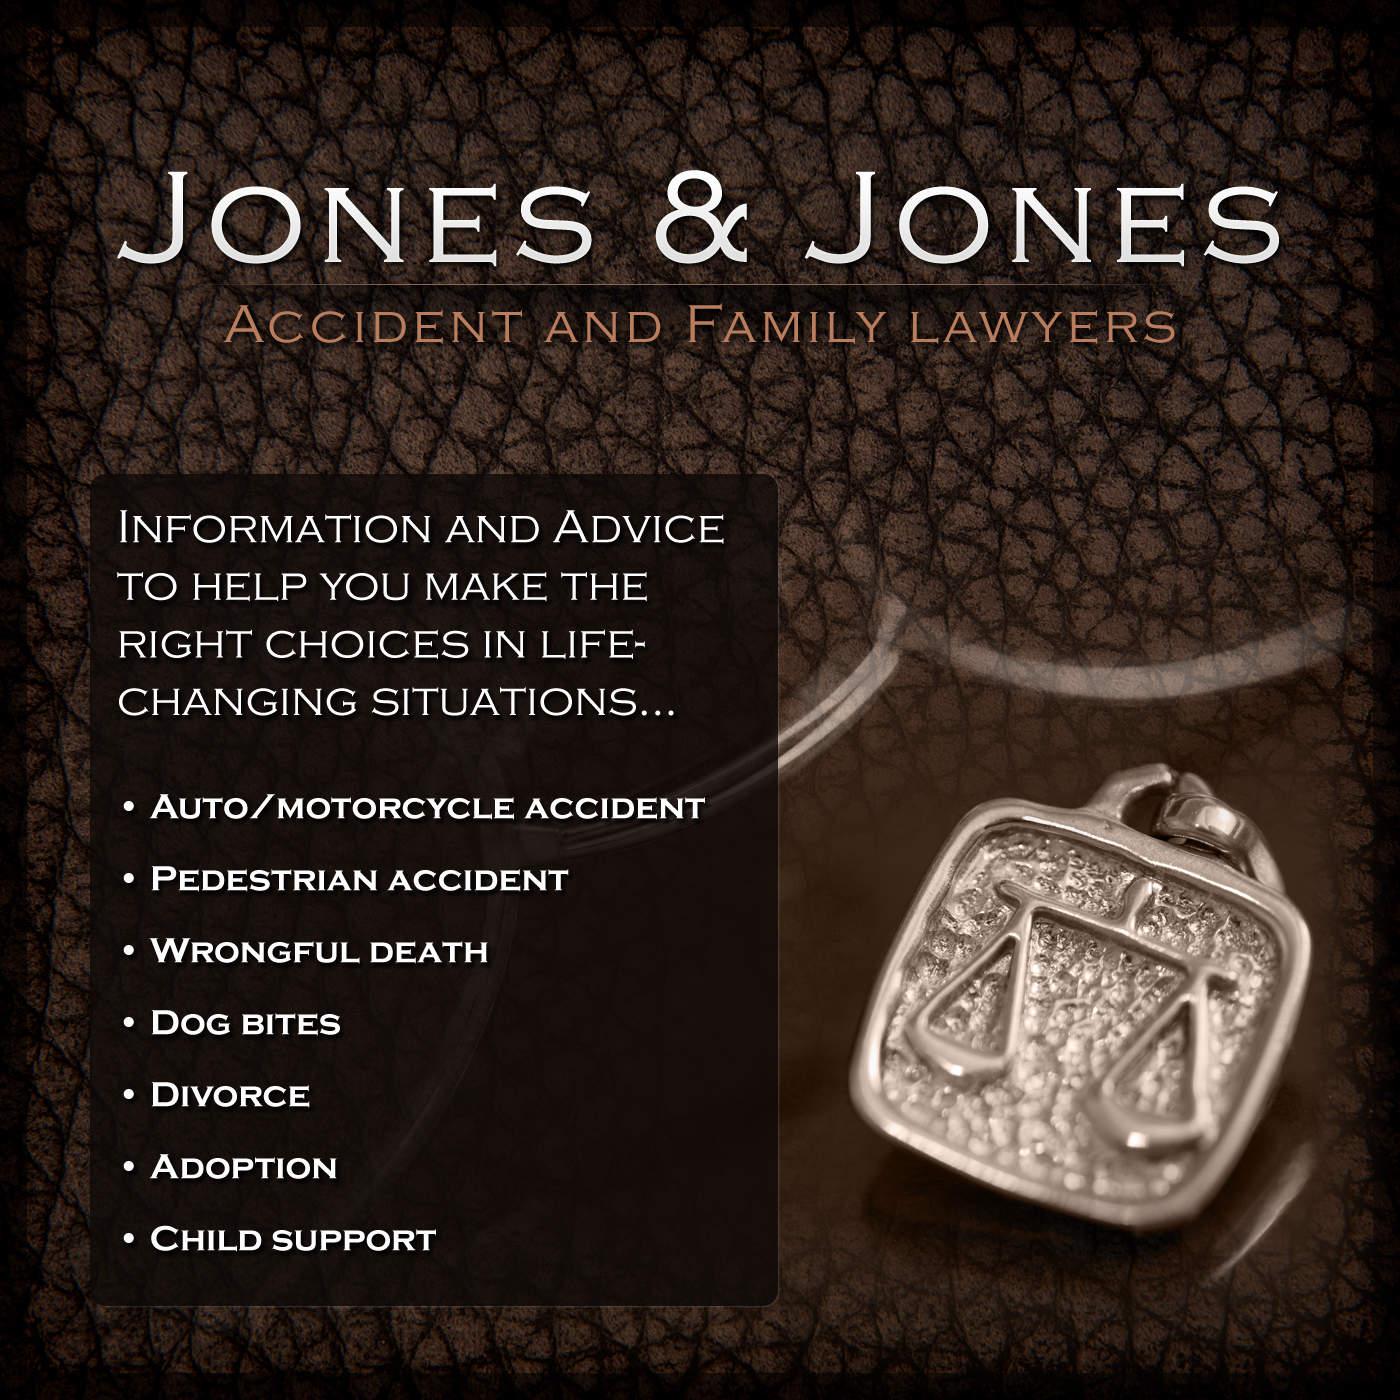 JonesJonesLawyers